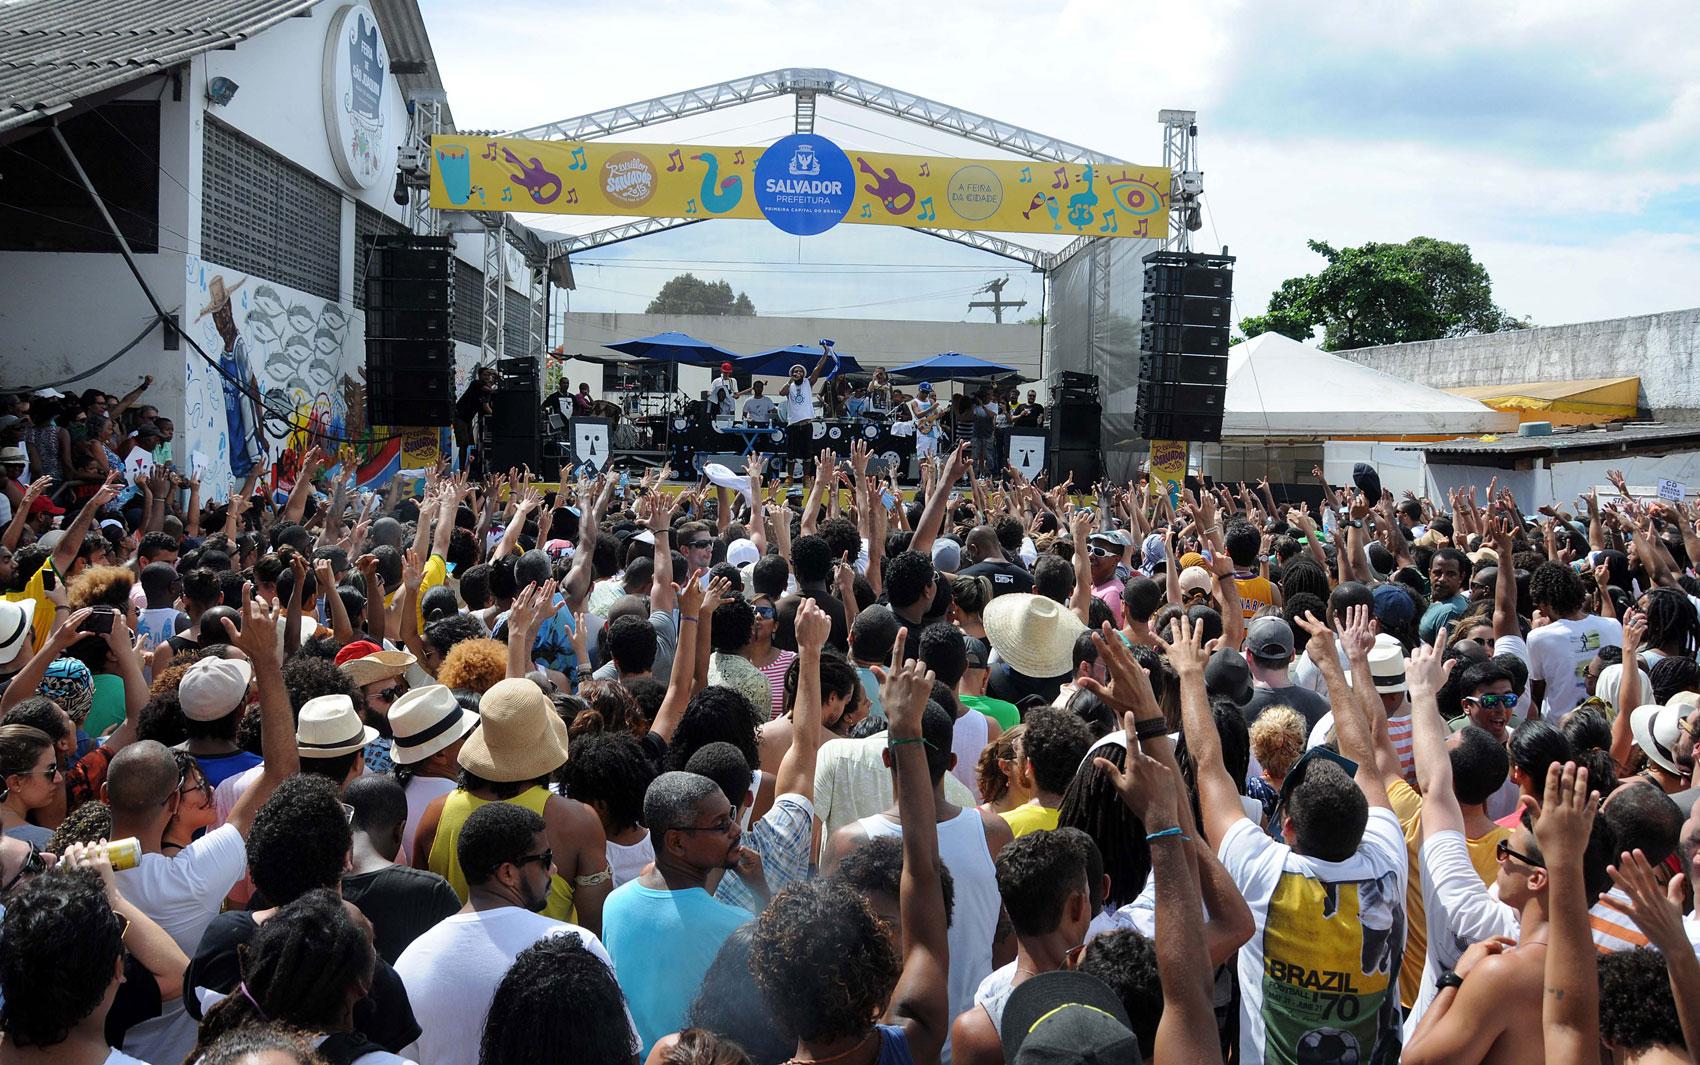 A banda BaianaSystem arrastou uma multidão para a Feira de São Joaquim